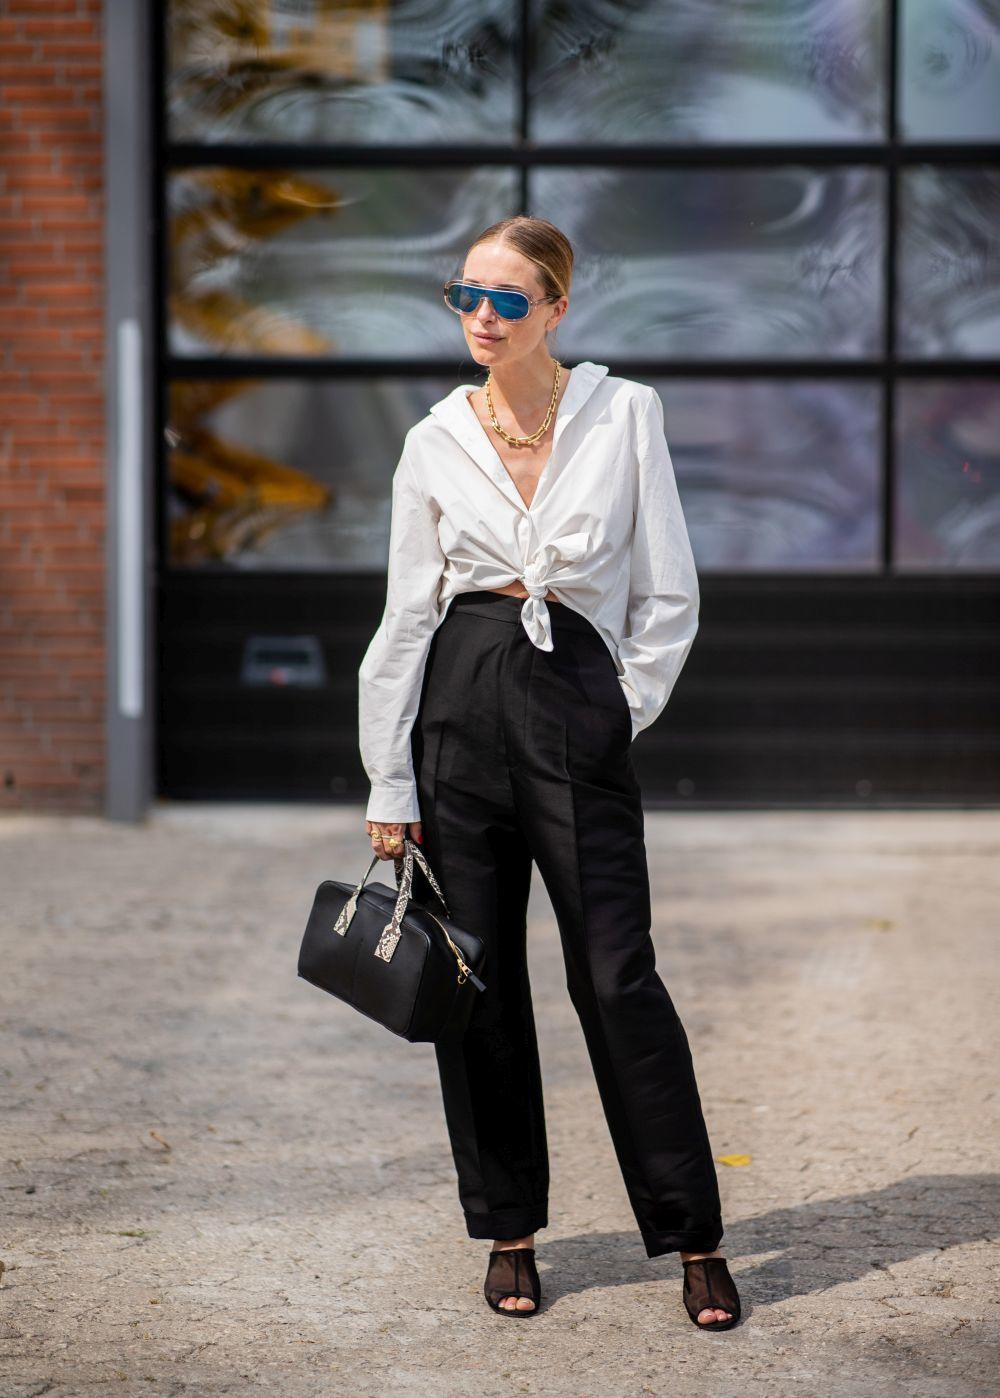 Pernille Teisbaek con un outfit en blanco y negro.